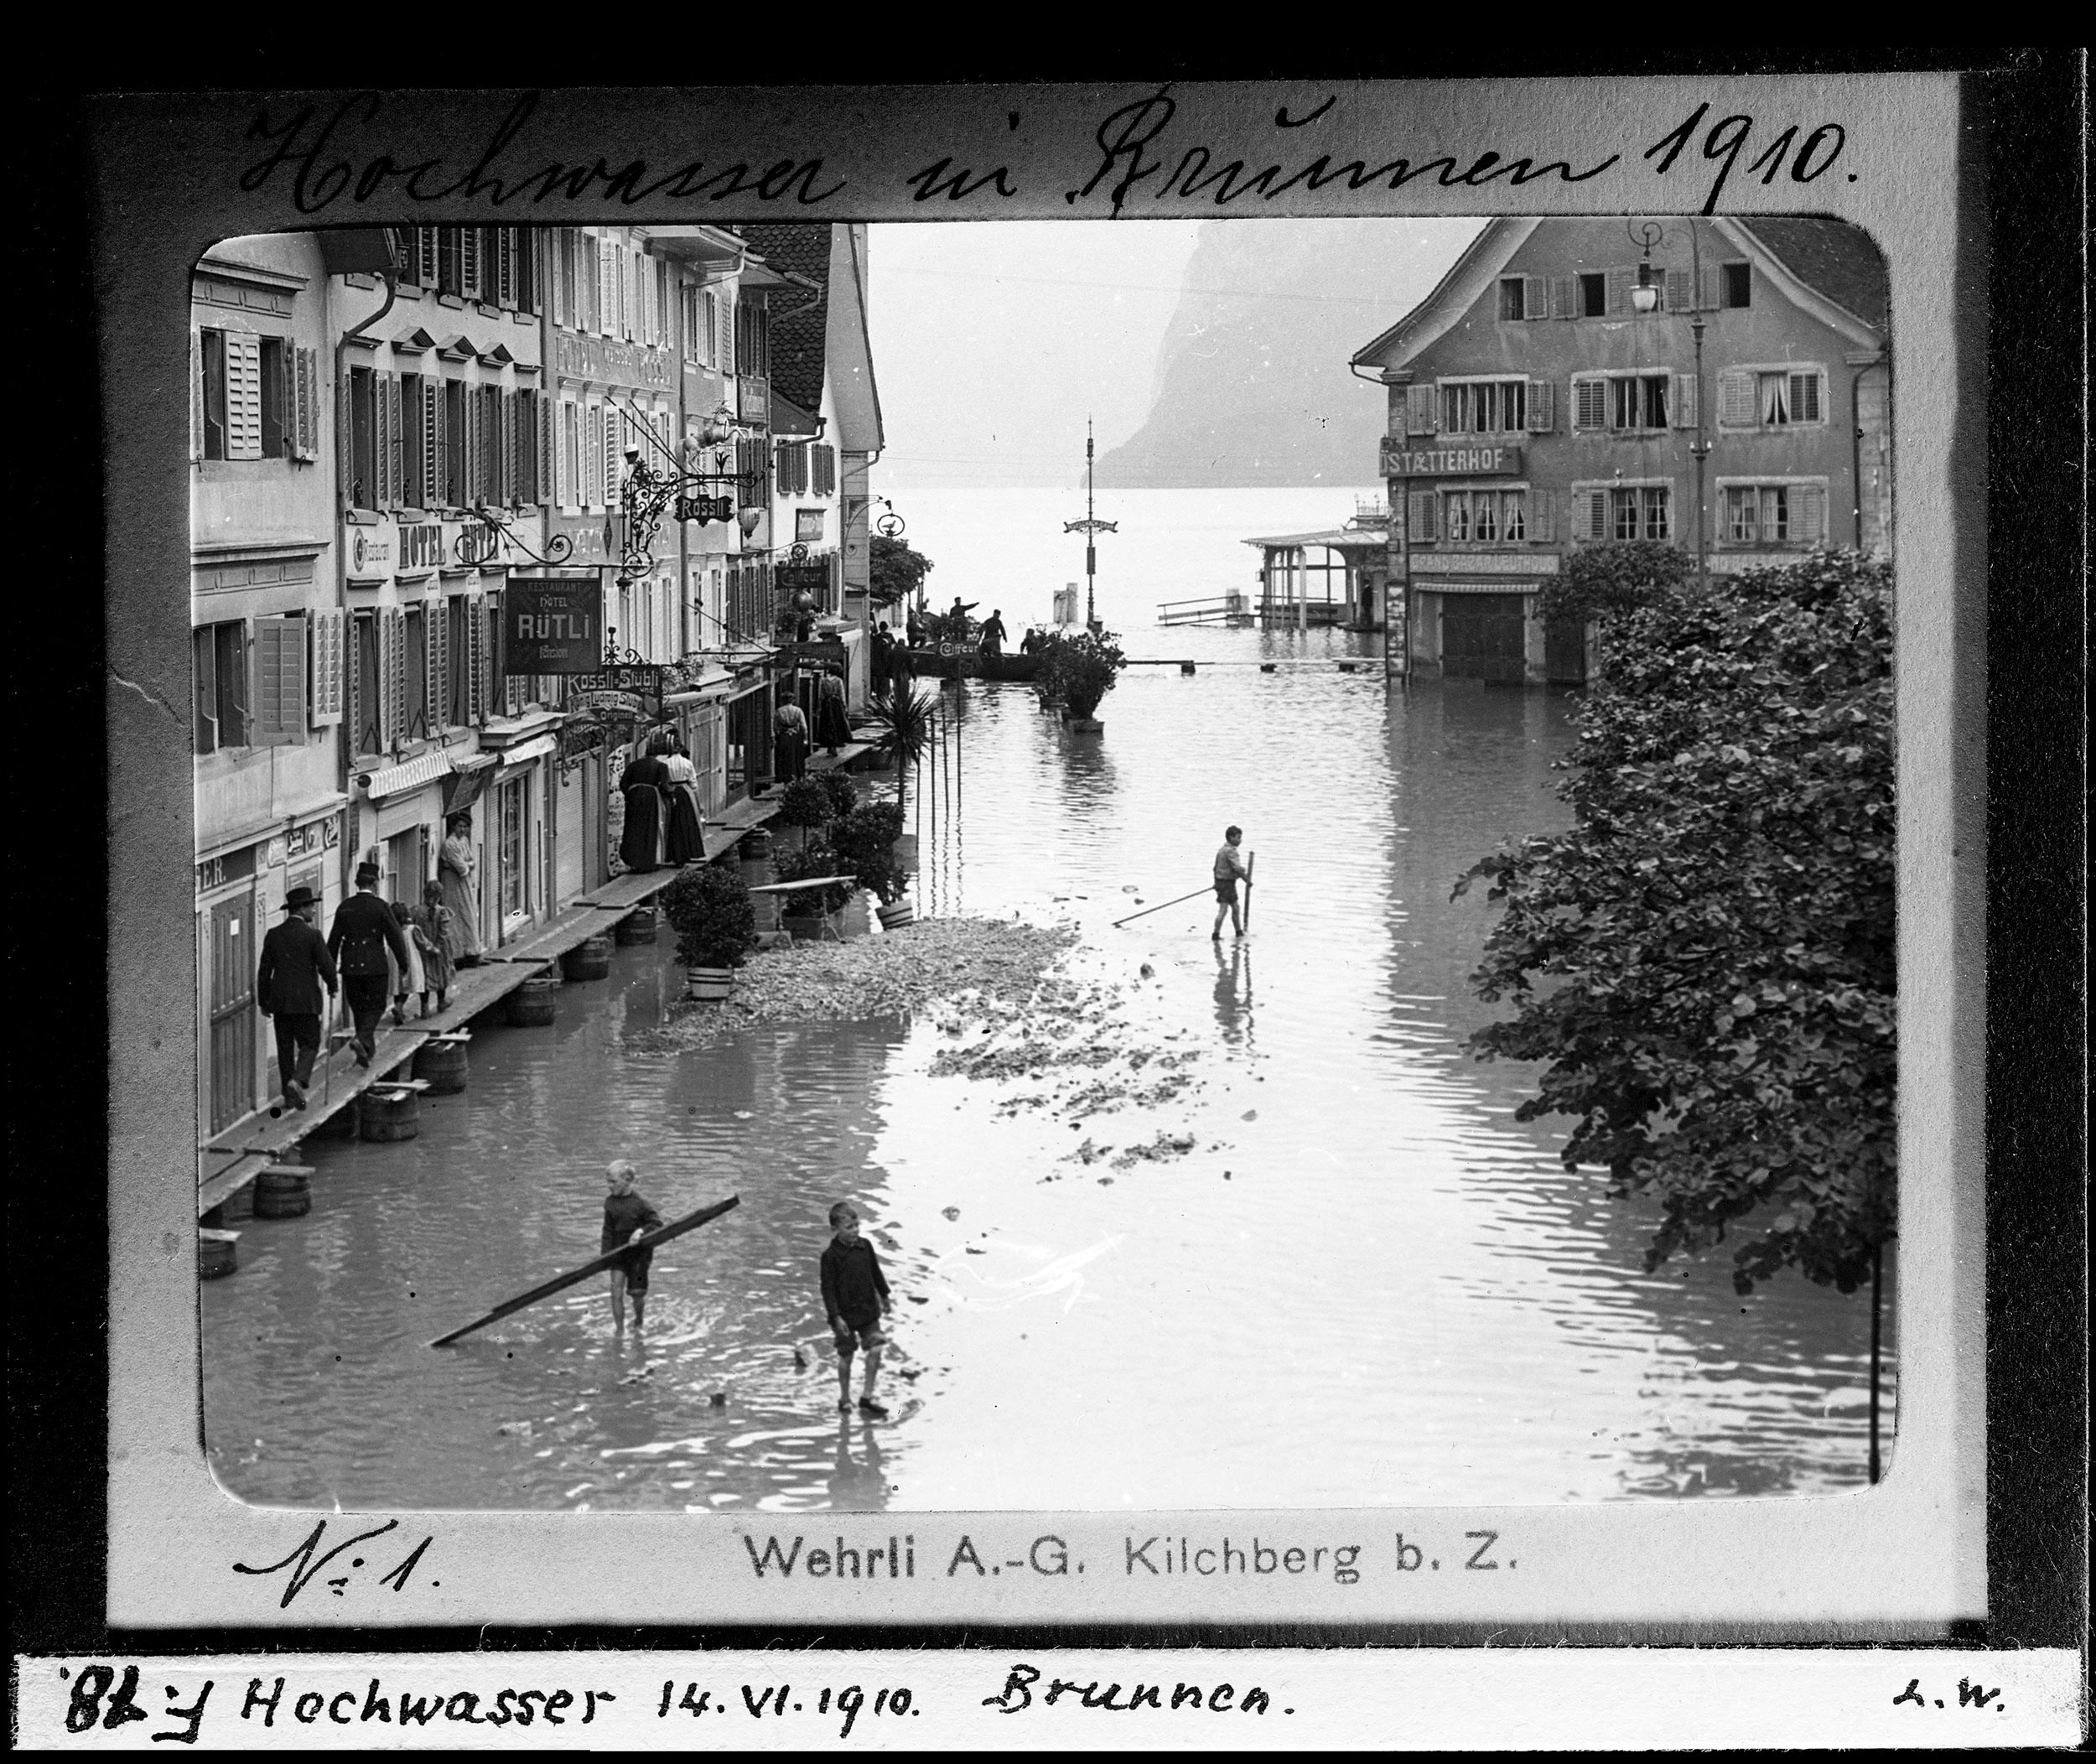 Hochwasser im Juni 1910, Brunnen